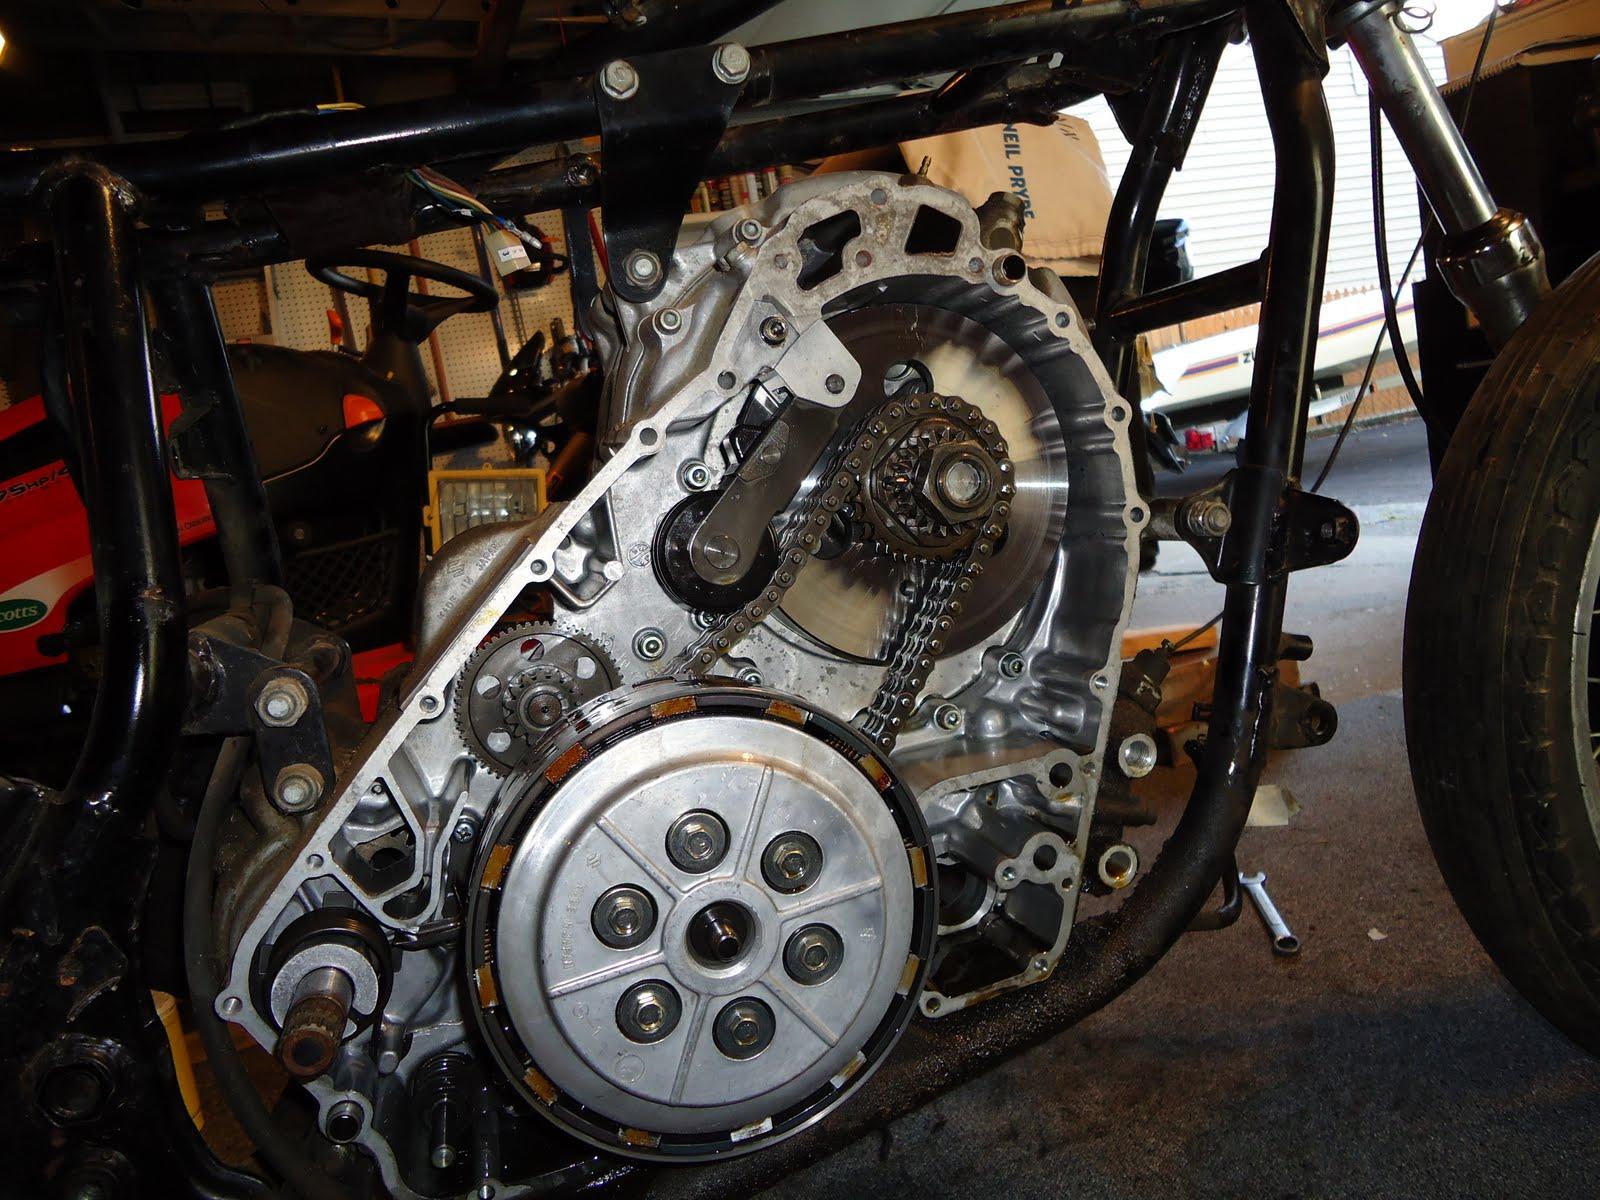 Suzuki Engine Parts Motorcycle Pictures